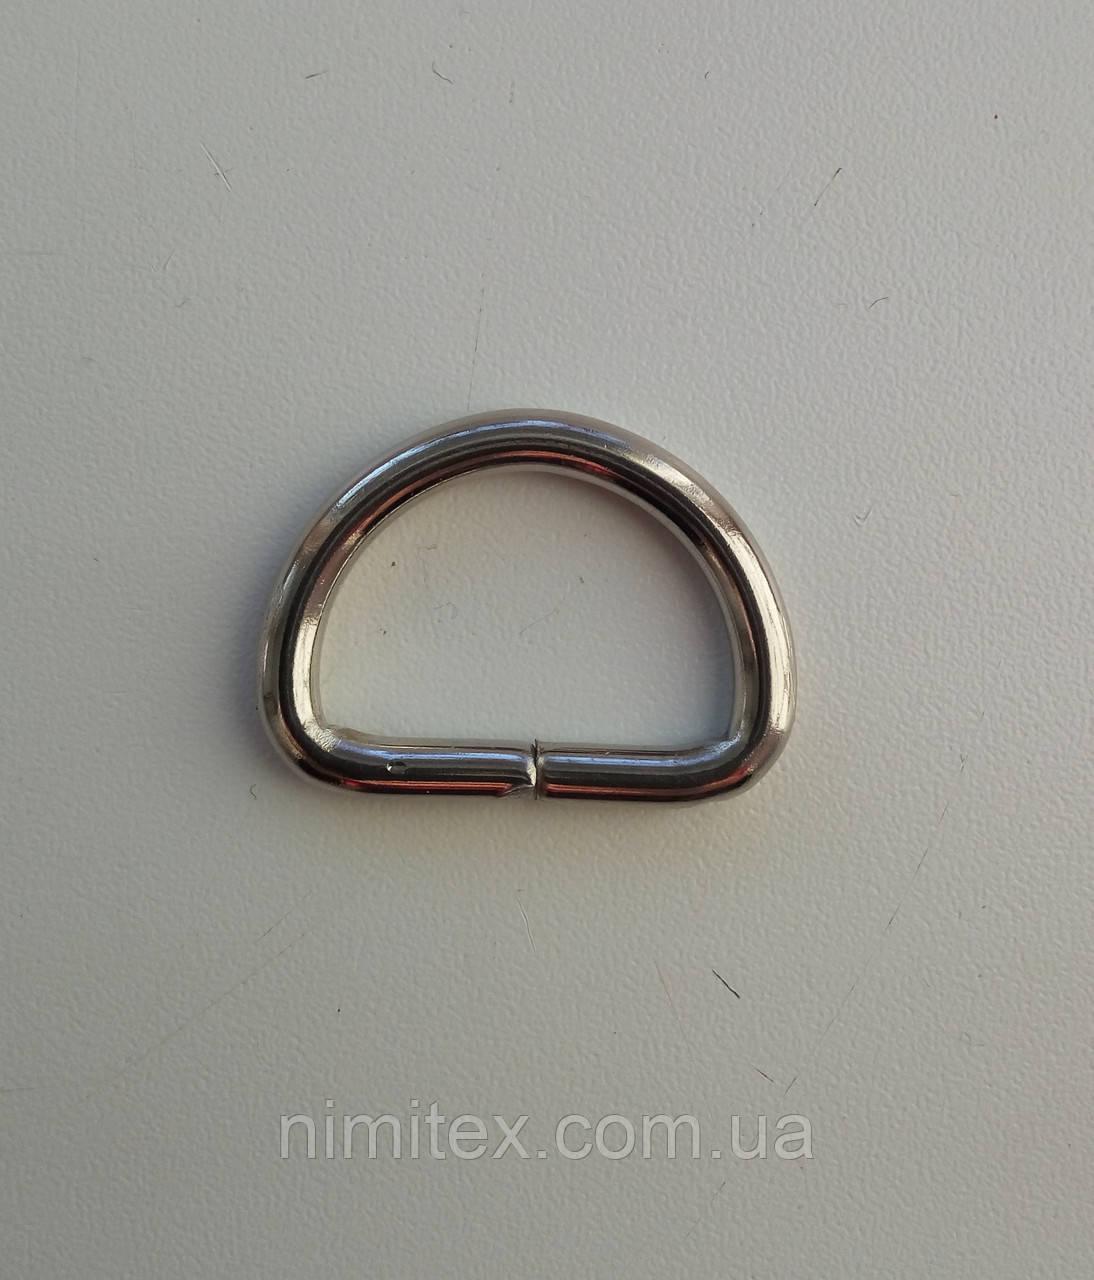 Полукольцо литое 25 мм никель